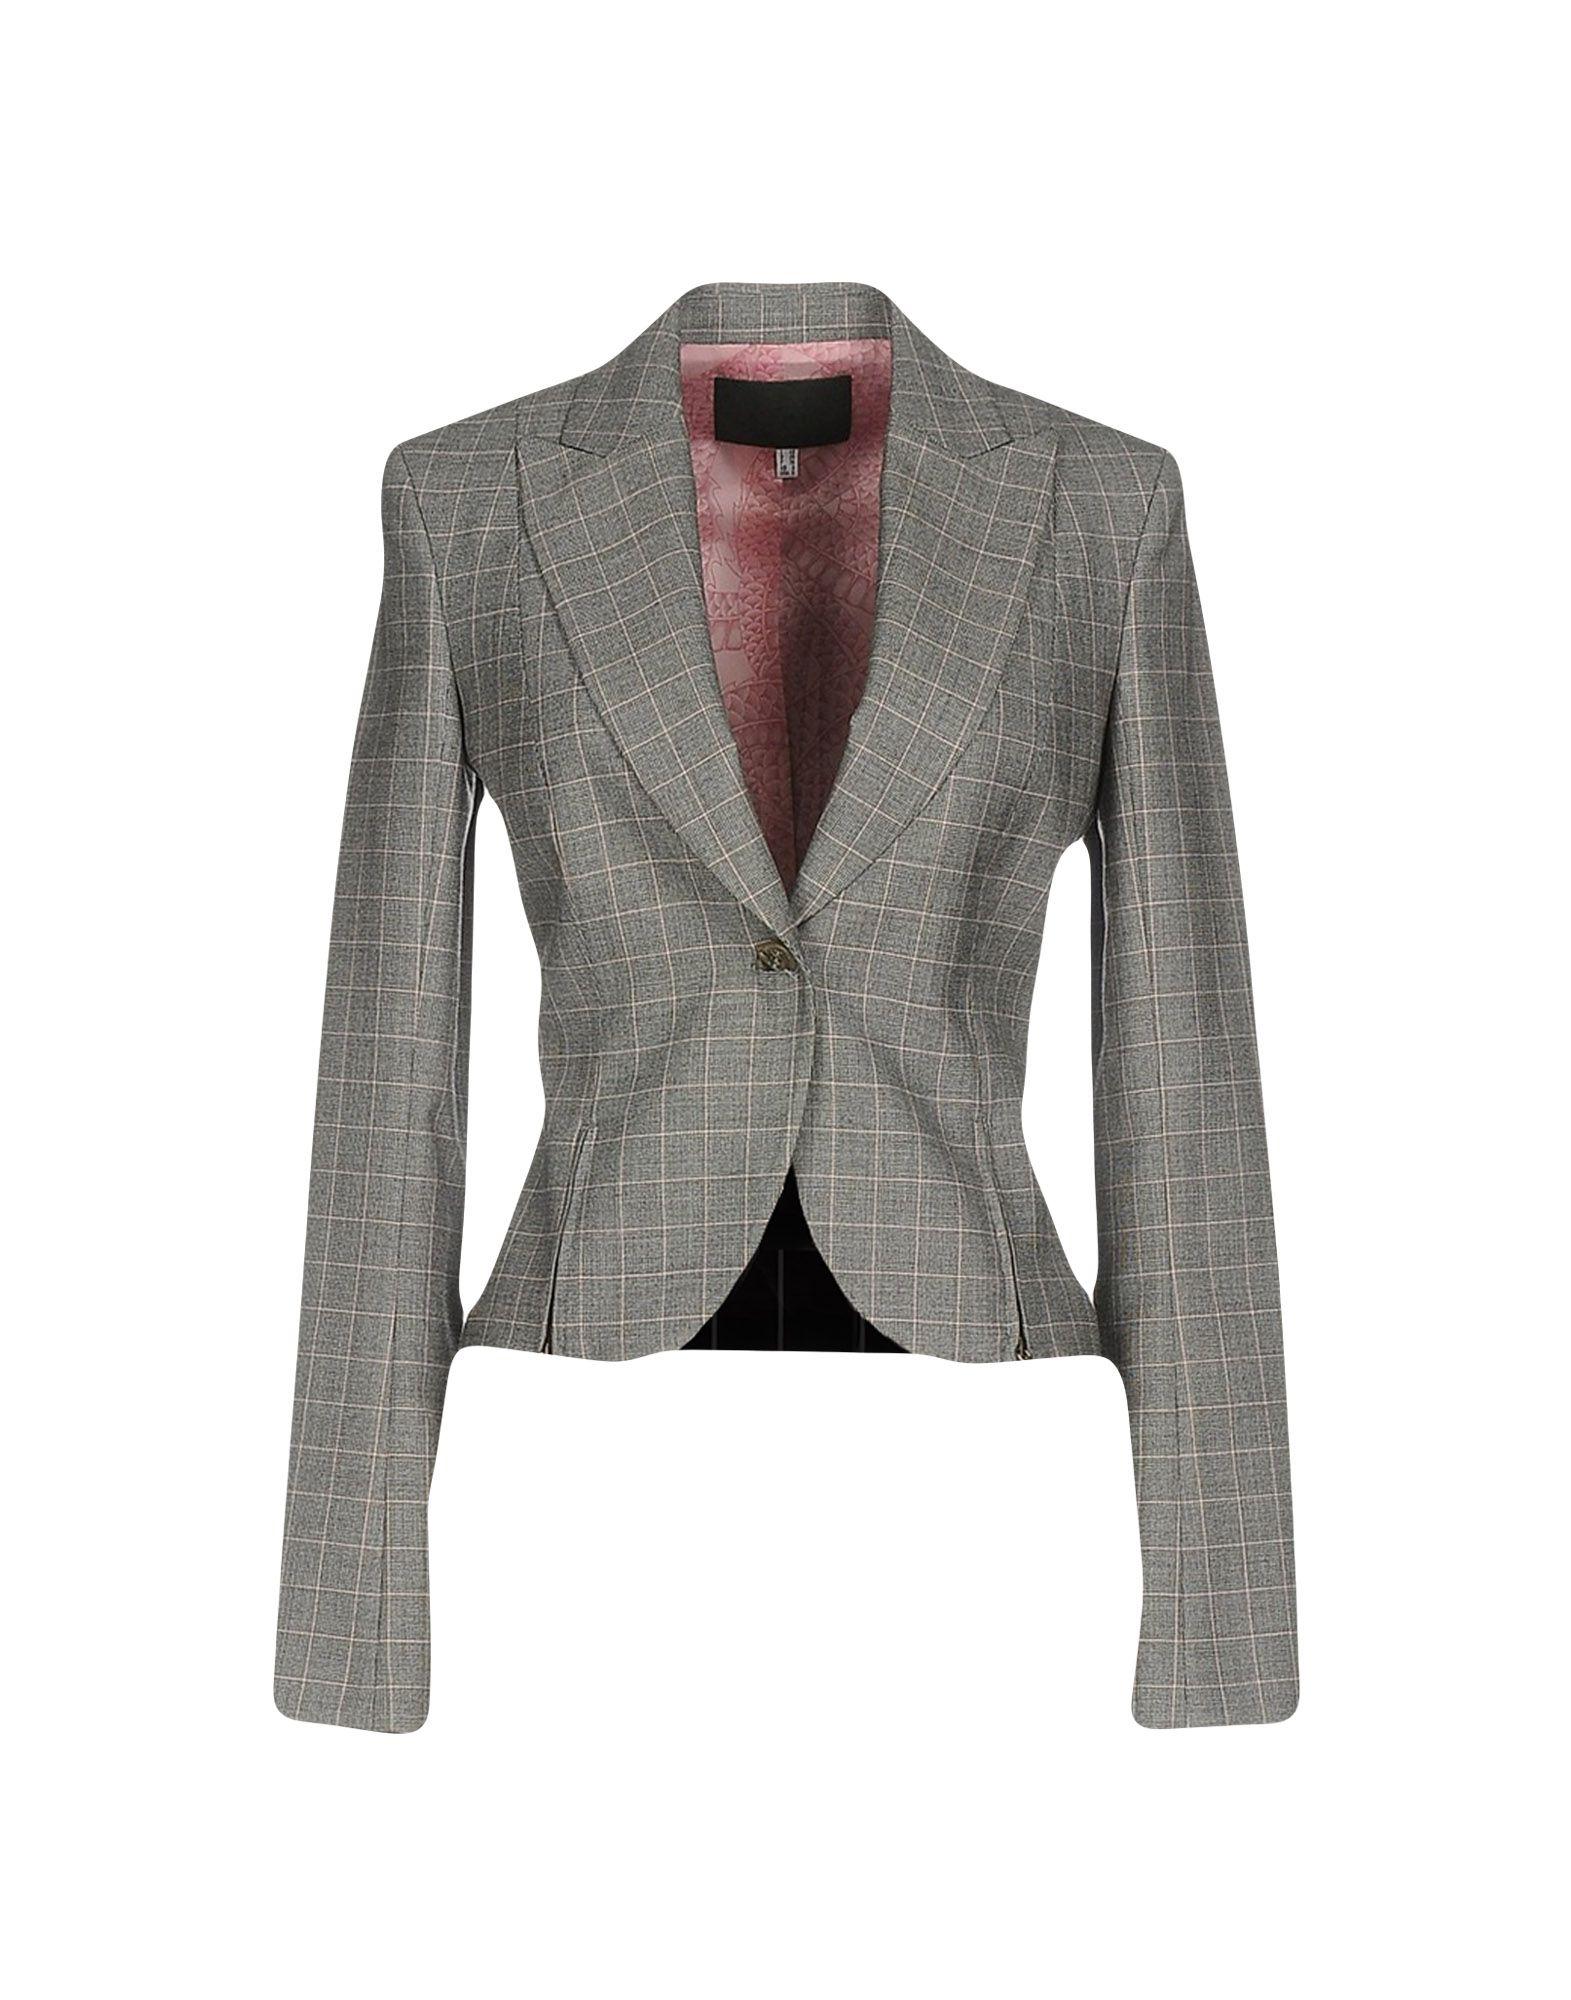 RICHMOND X Damen Jackett Farbe Grau Größe 4 jetztbilligerkaufen